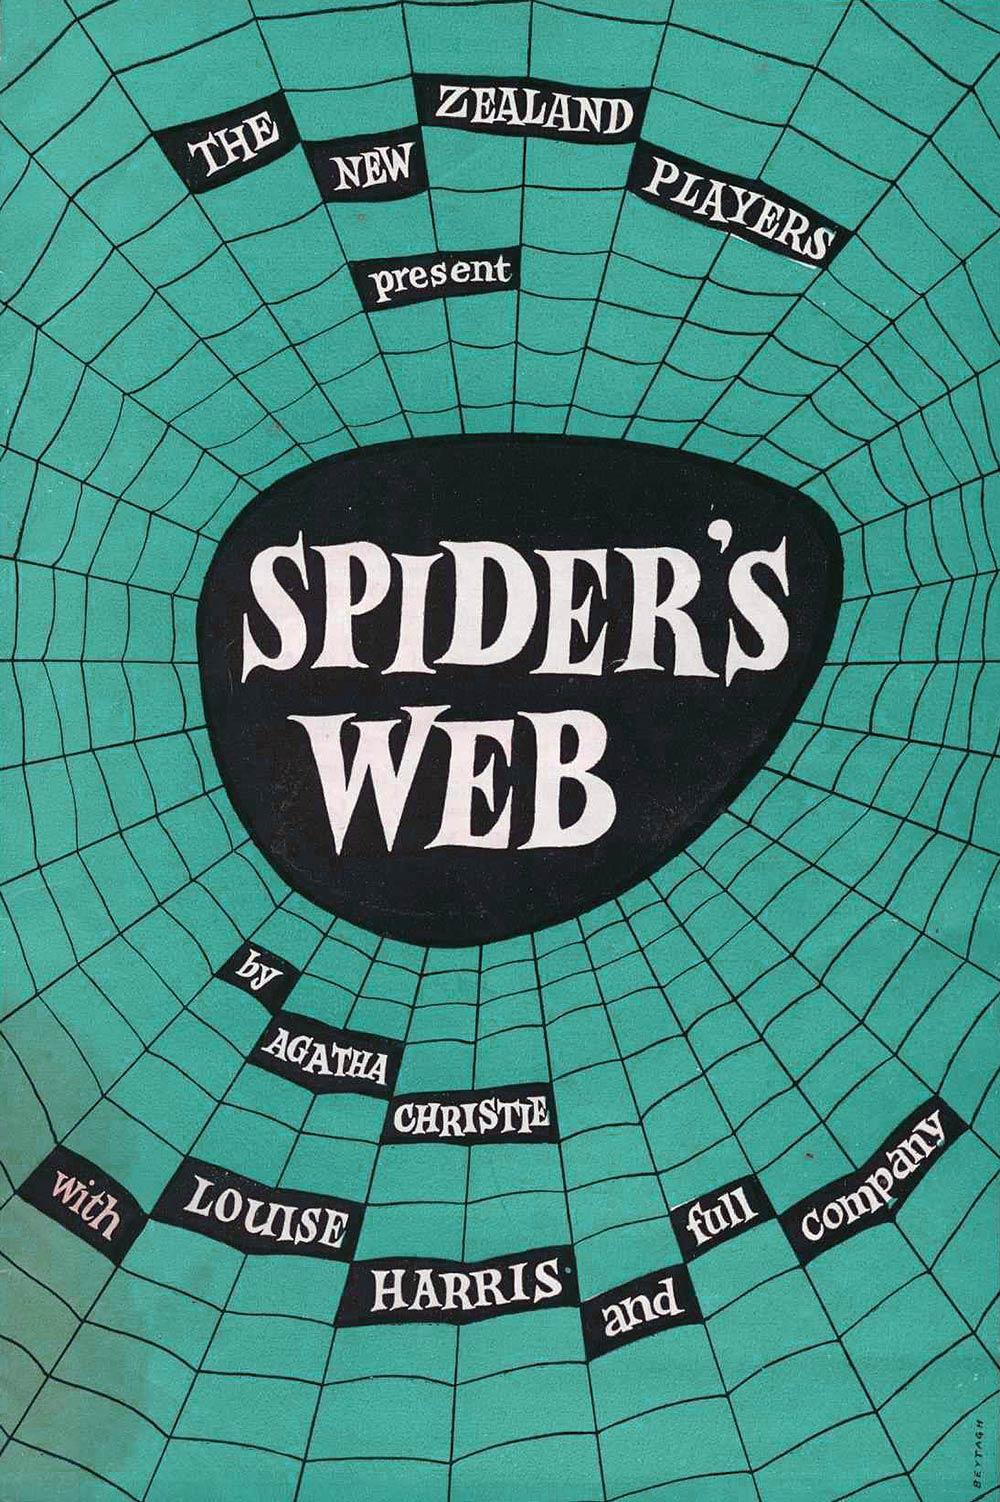 <em>Spider's web</em>. Agatha Christie. (New Zealand Players). 1958.